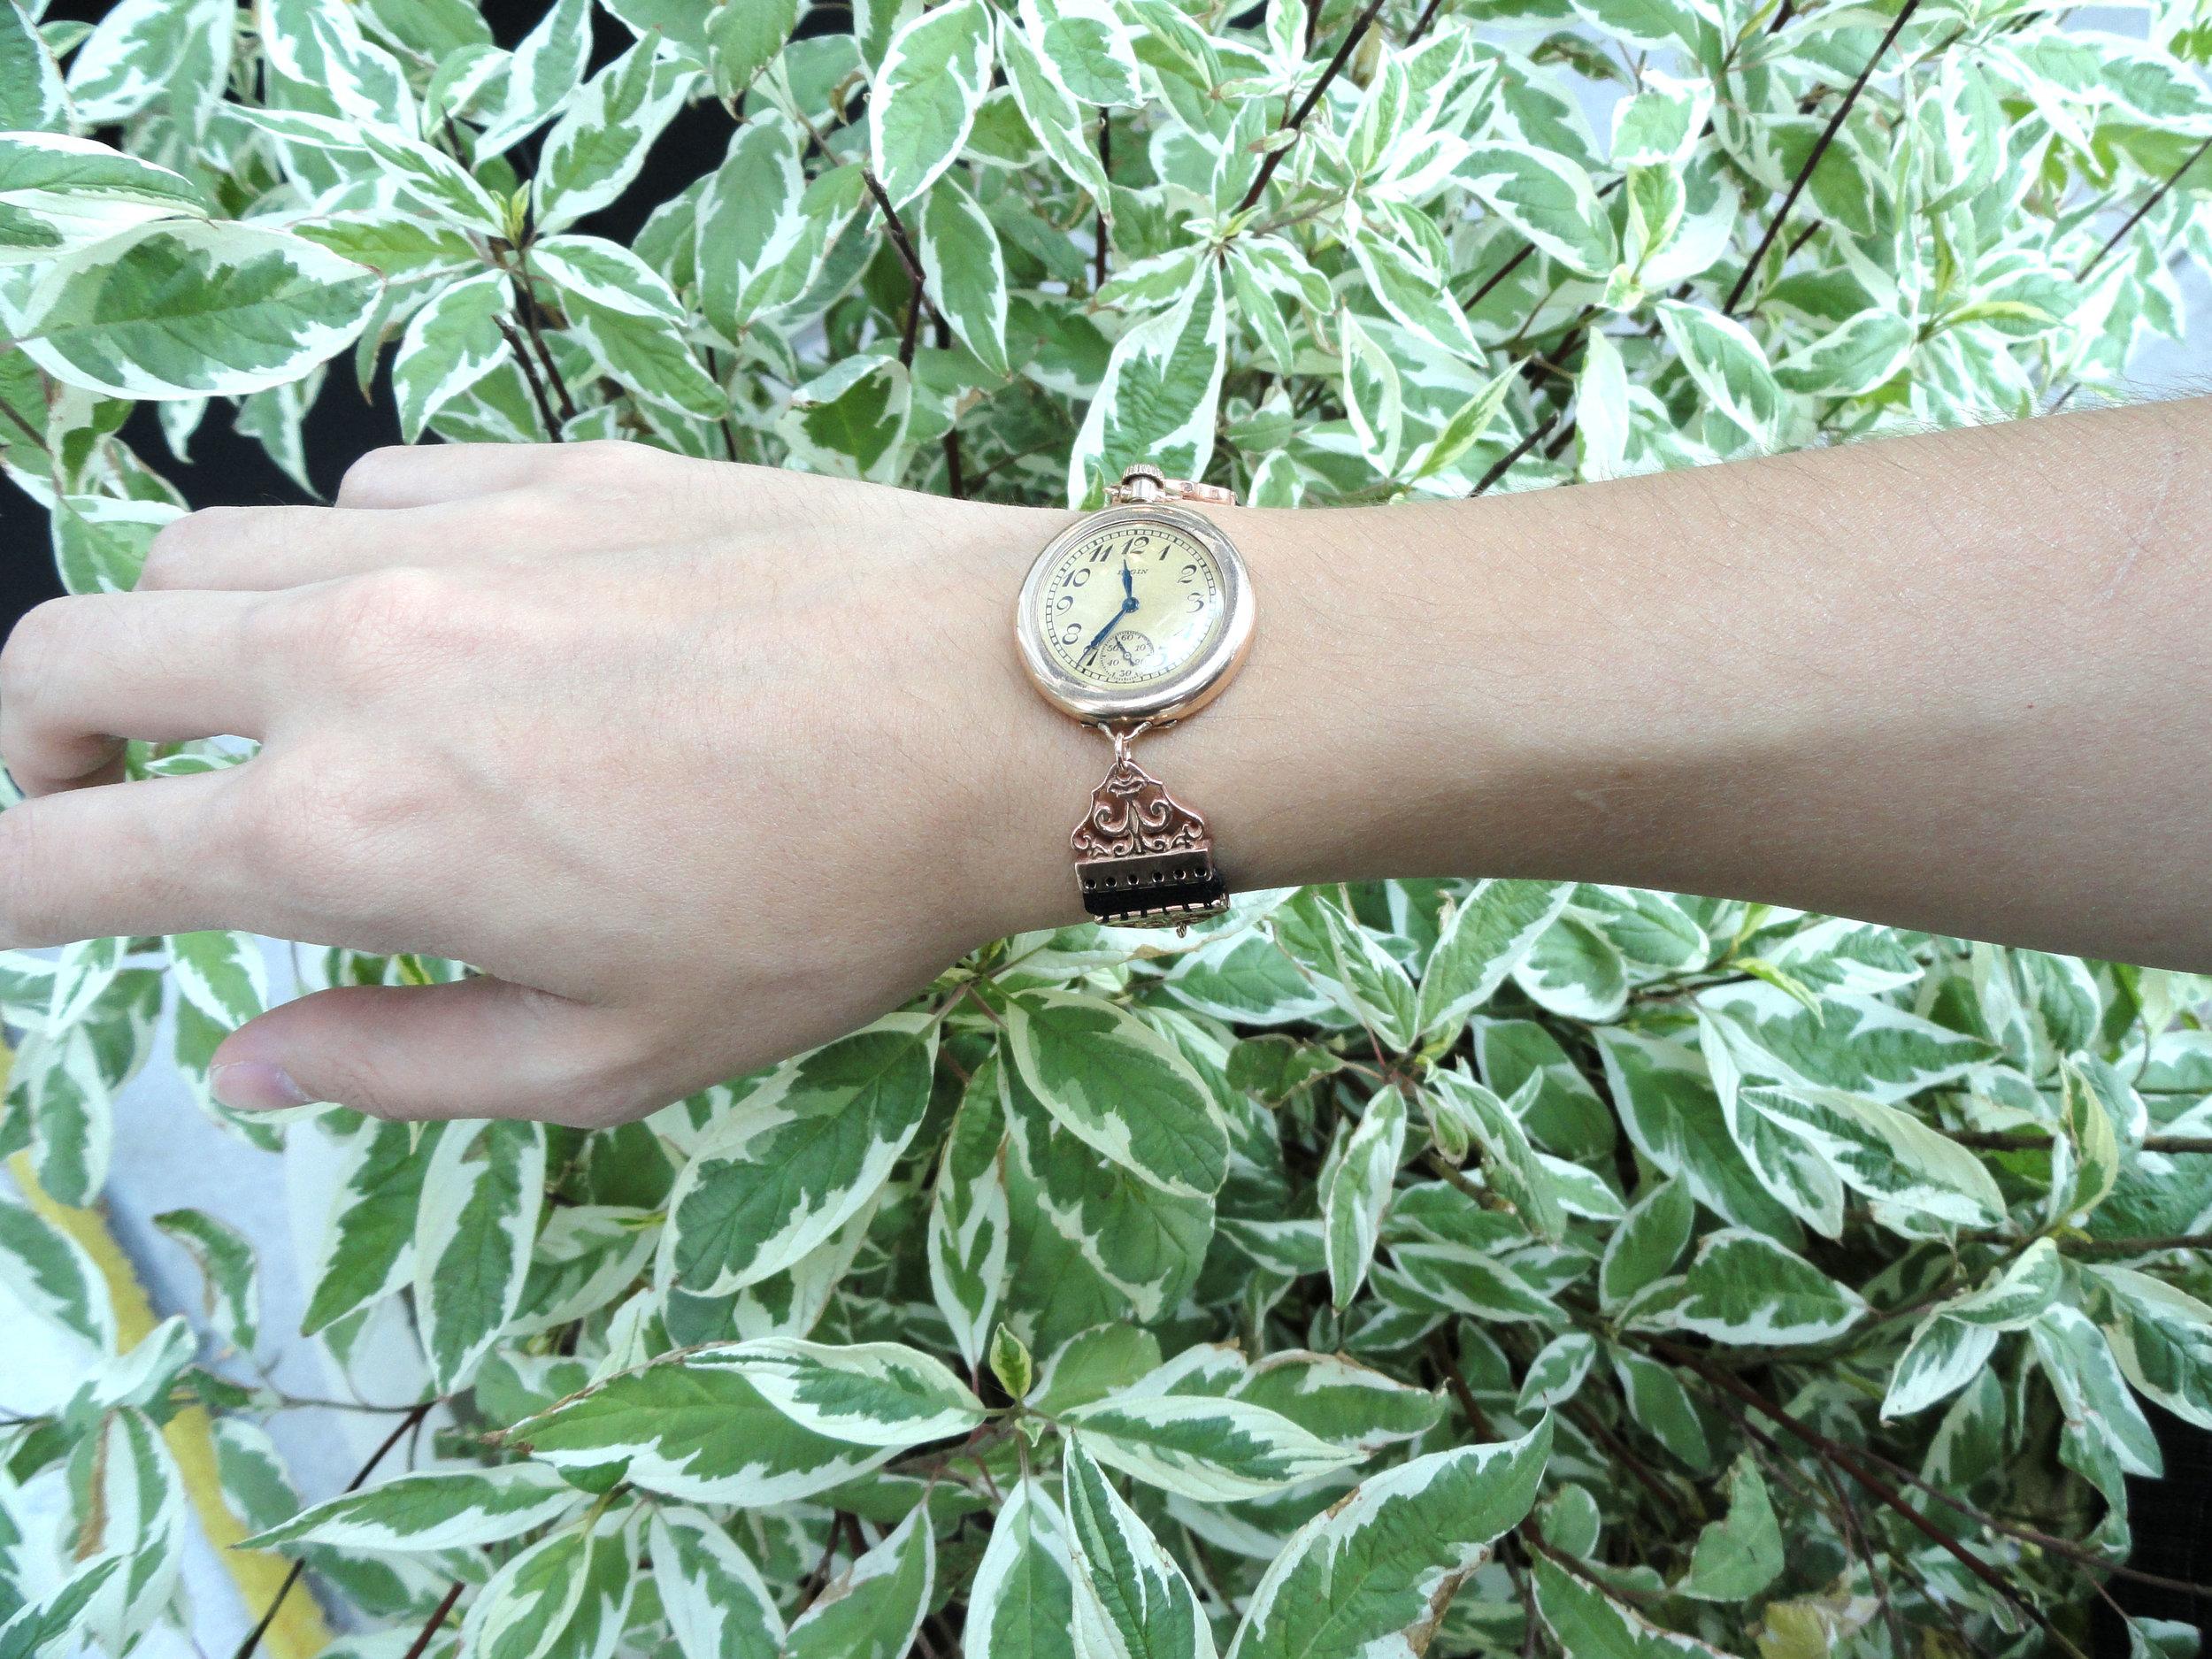 darvier-vintage-watch-link-bracelet-14k-pink-gold.JPG